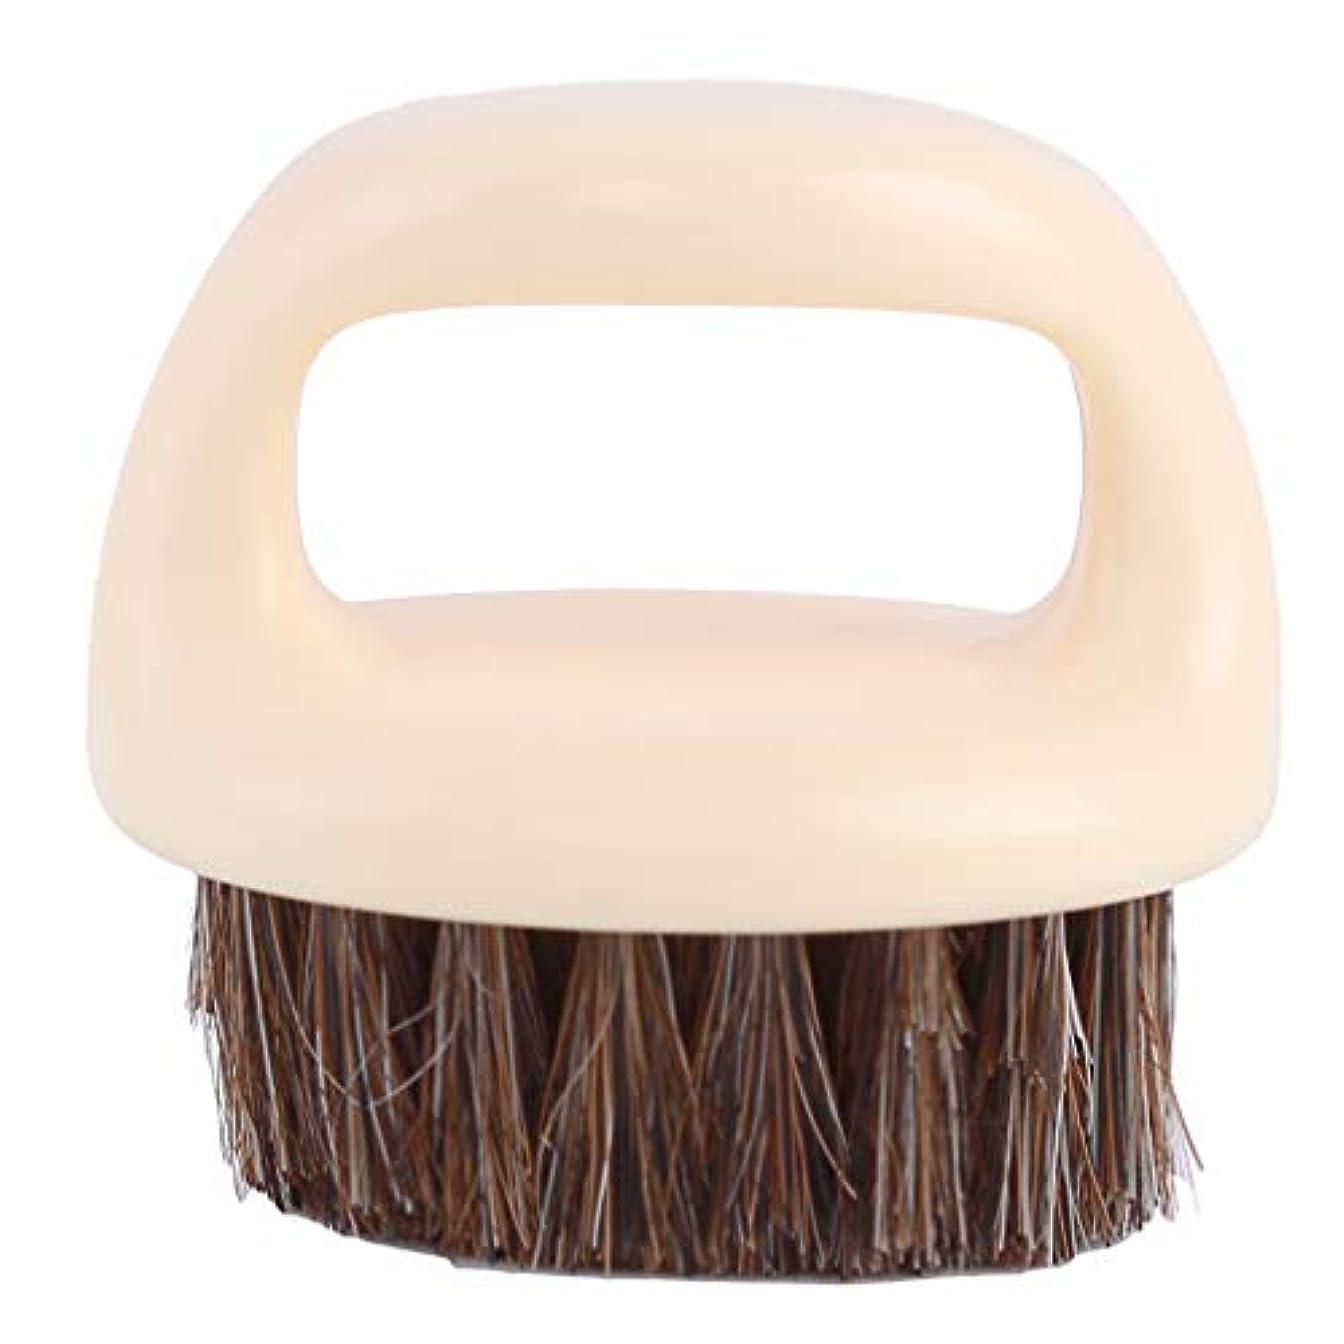 市場サーカスモードリンBEE&BLUE シェービング用ブラシ メンズ ひげブラシ 豚剛毛 ラウンド櫛 男性 理容 洗顔 髭剃り 泡立ち 洗顔ブラシ クリーニング シェービングツール